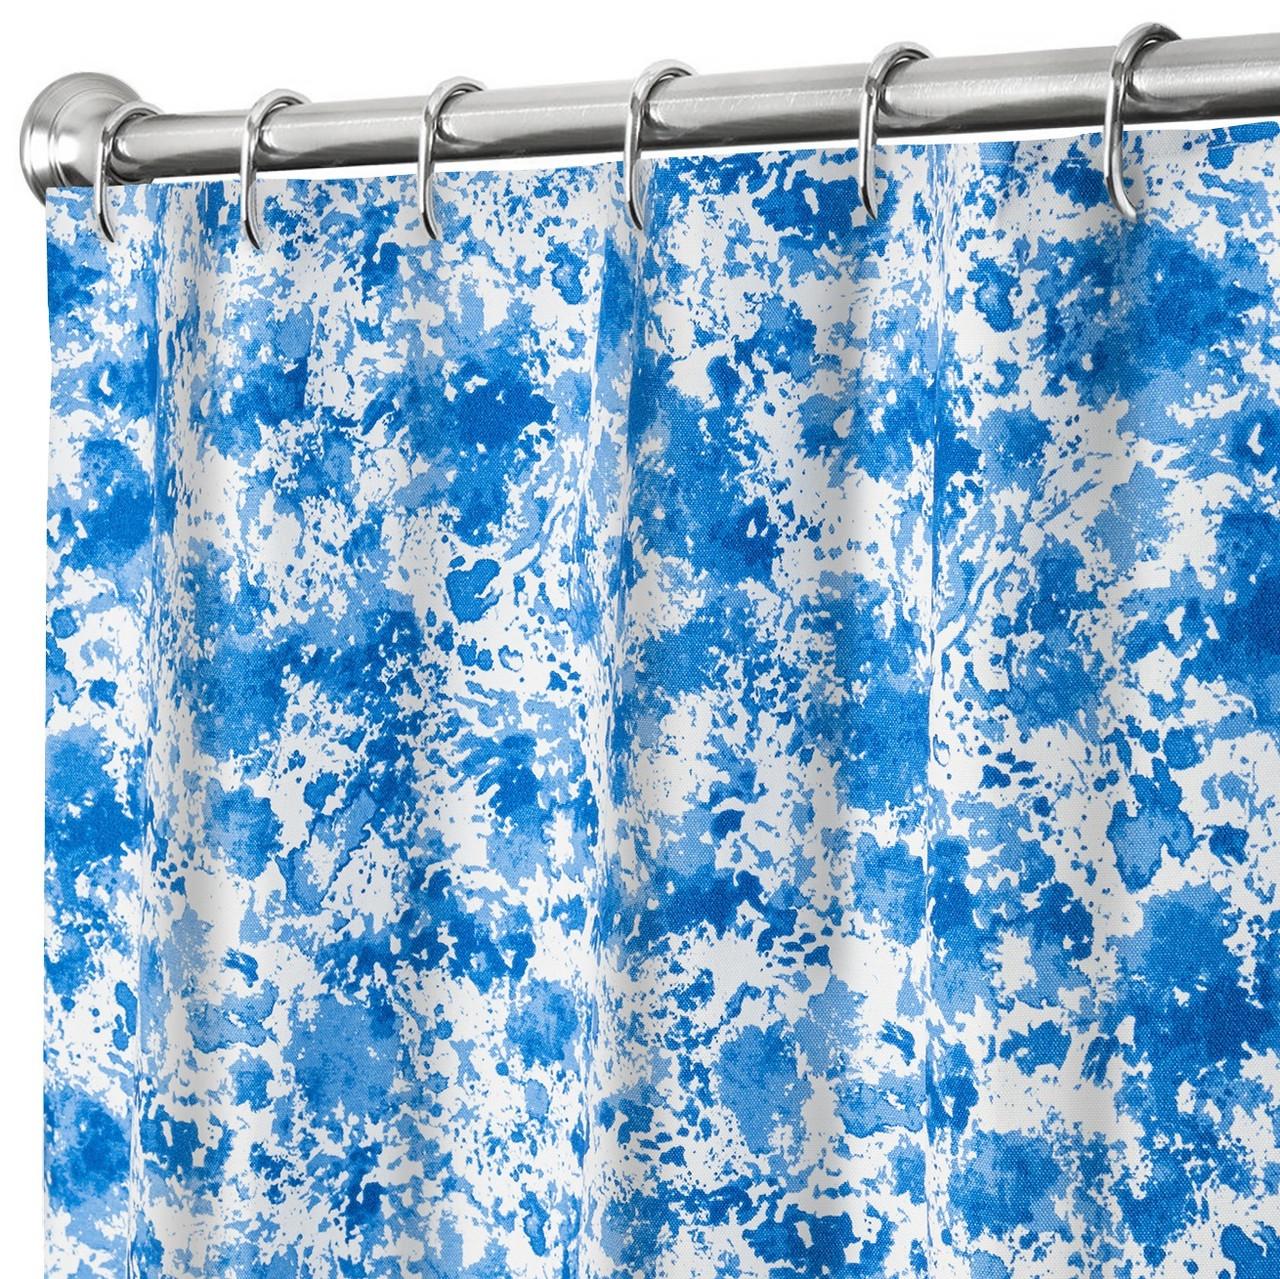 Farmhouse Bathroom Decor Splatter Blue Shower Curtain